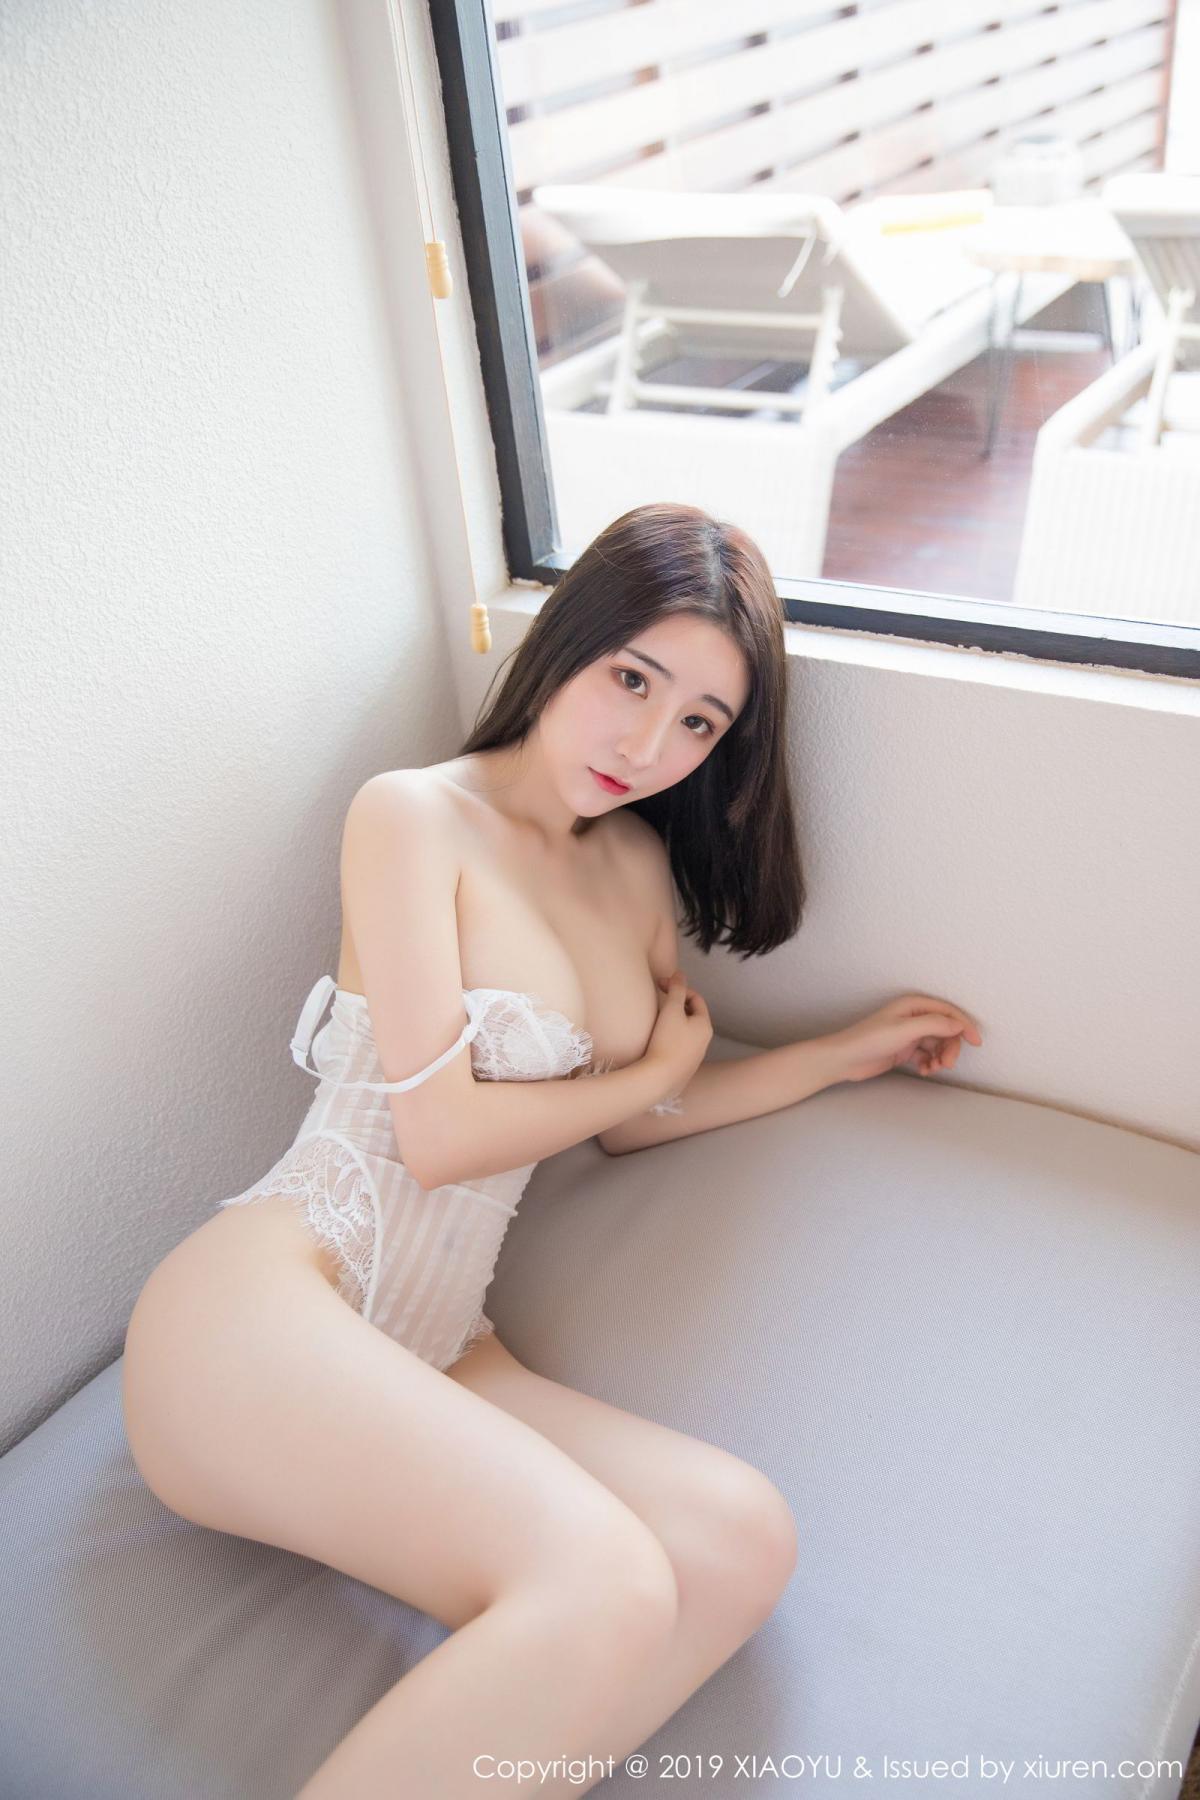 [XiaoYu] Vol.147 Xie Zhi Xin 18P, Bathroom, Big Booty, Wet, XiaoYu, Xie Zhi Xin